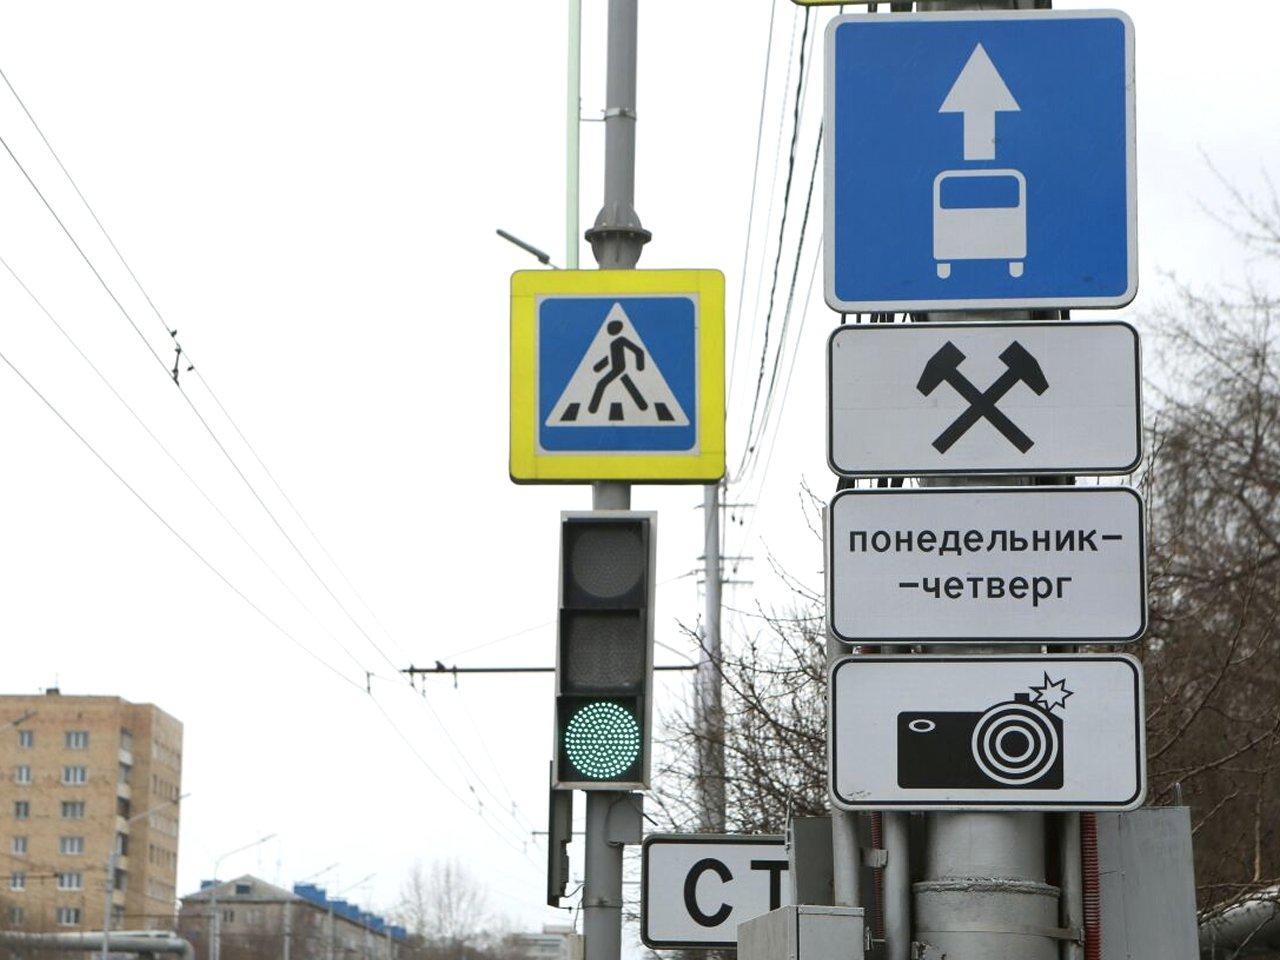 Уточнения к знаку проезда по выделенной автобусной полосе